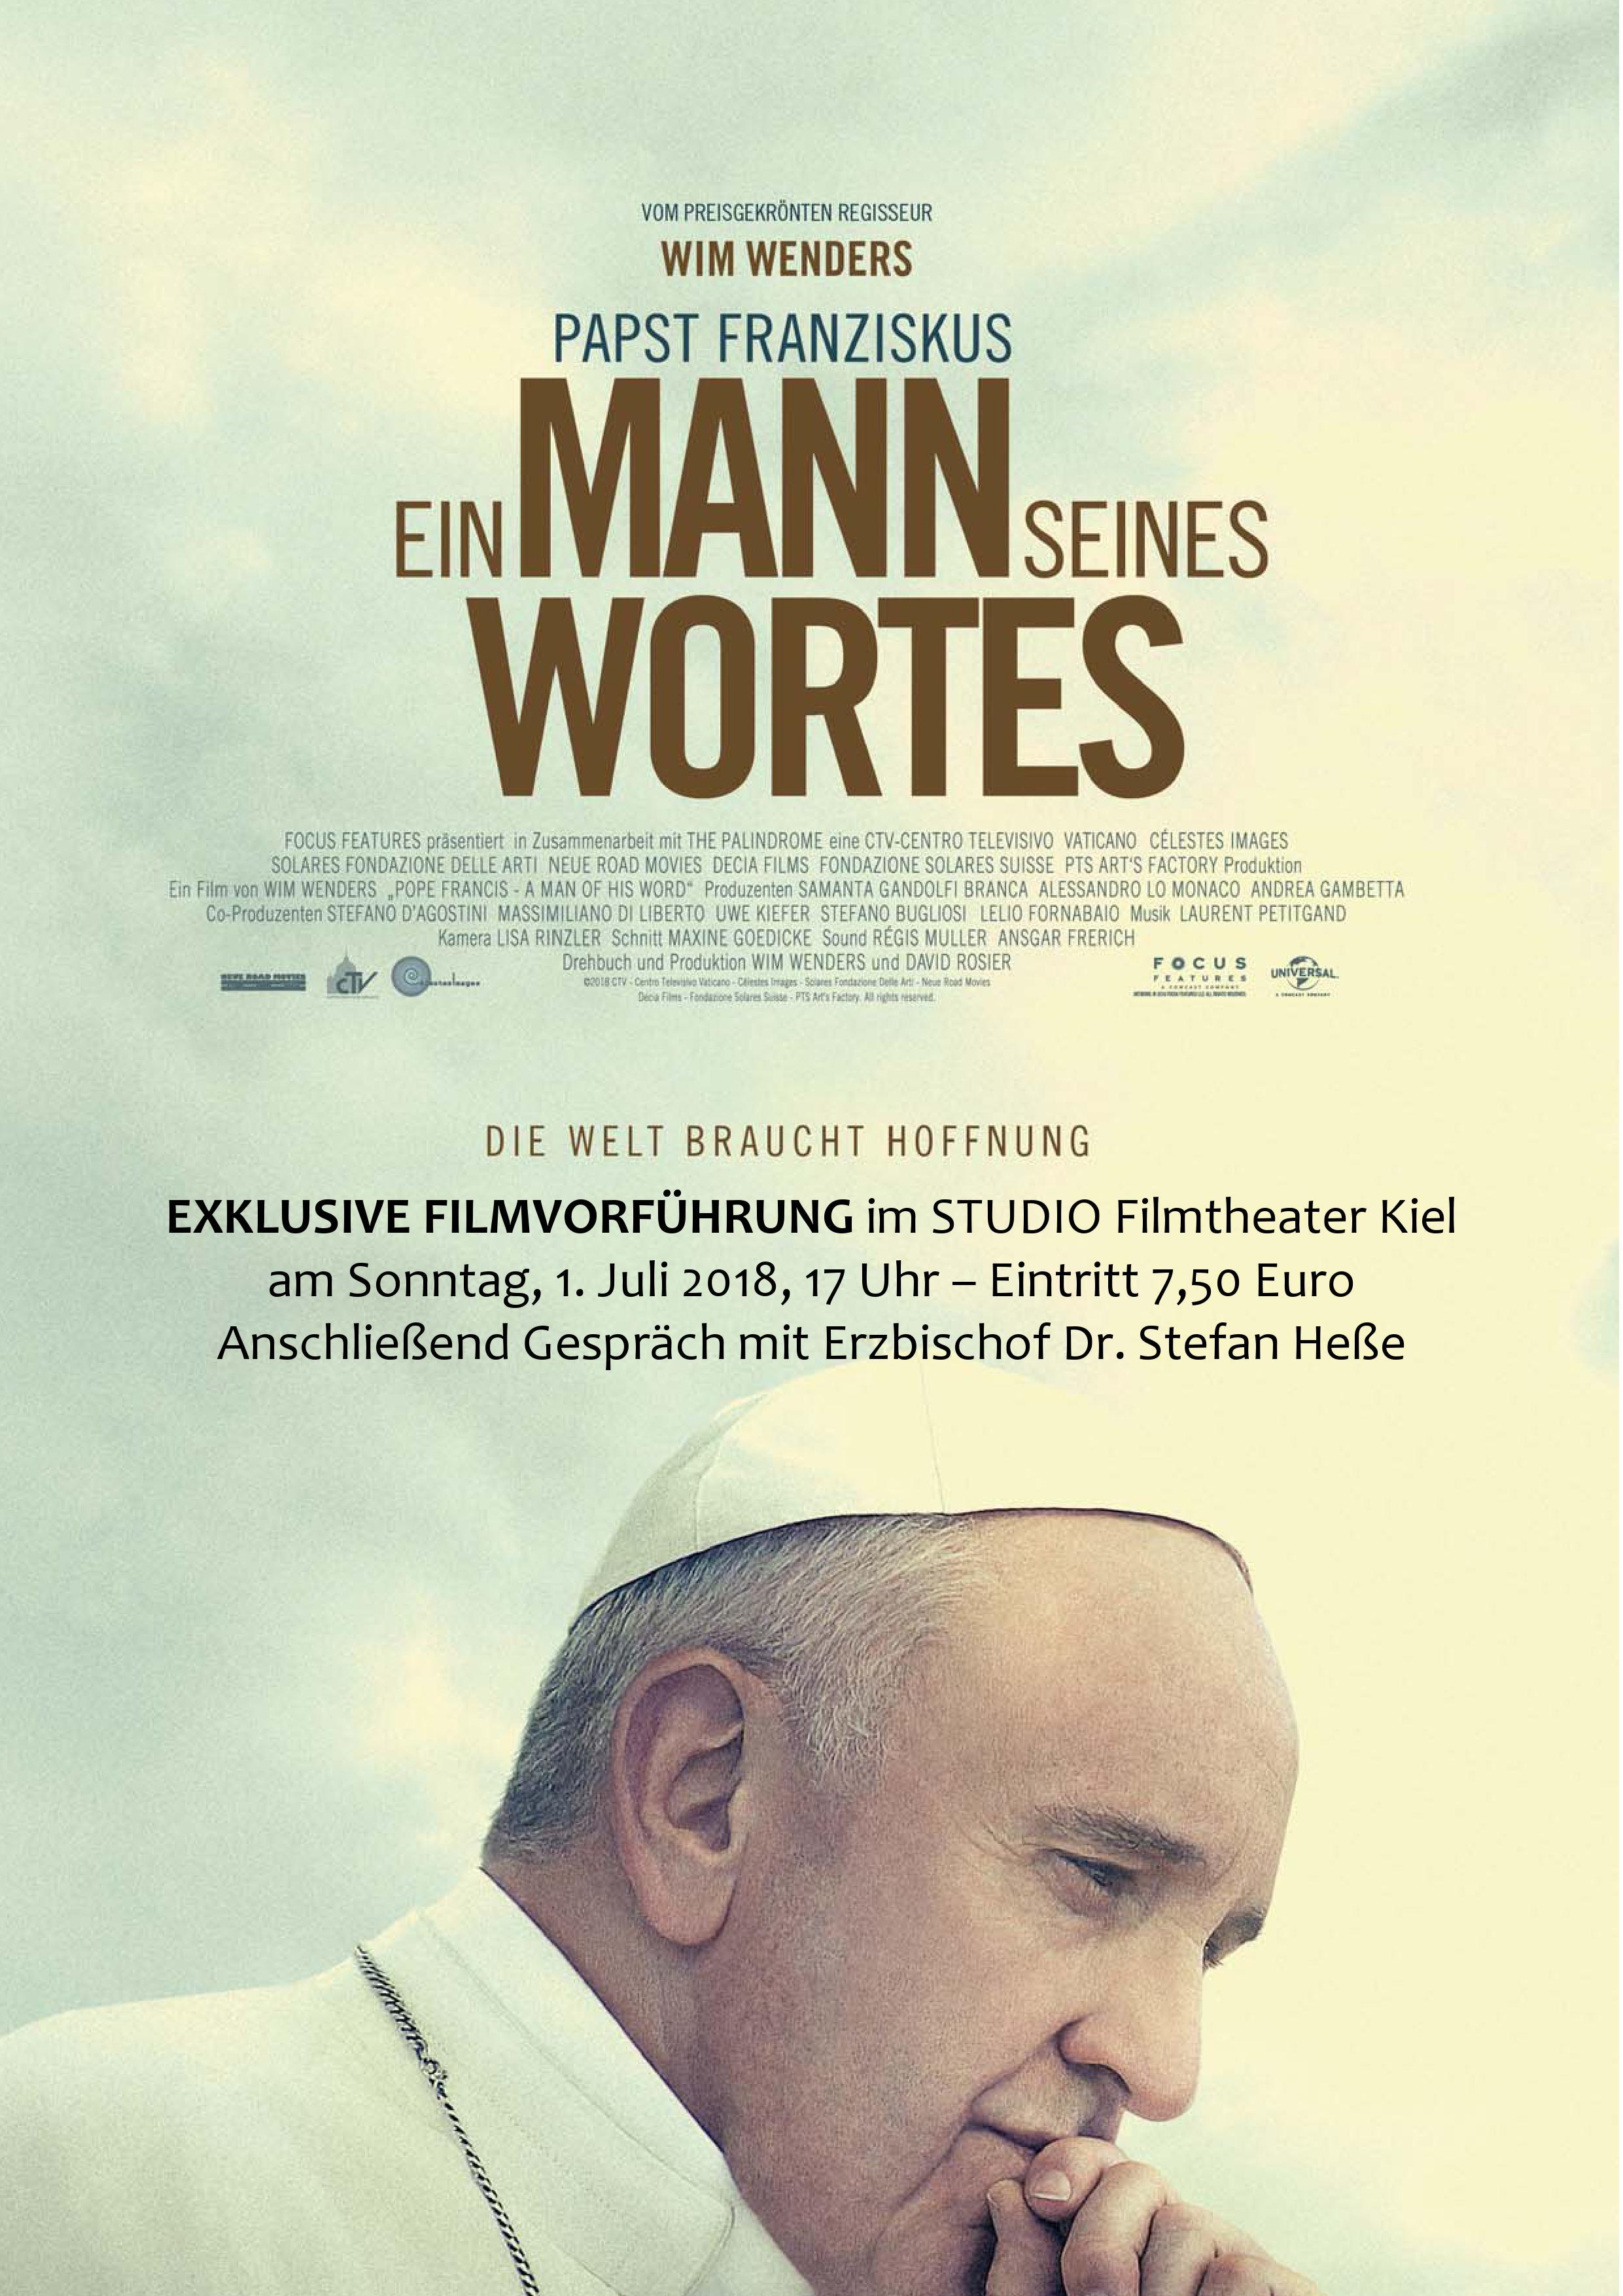 Plakat Papstfilm von Wim Wenders - Vorführung in Kiel am 01.07.2018